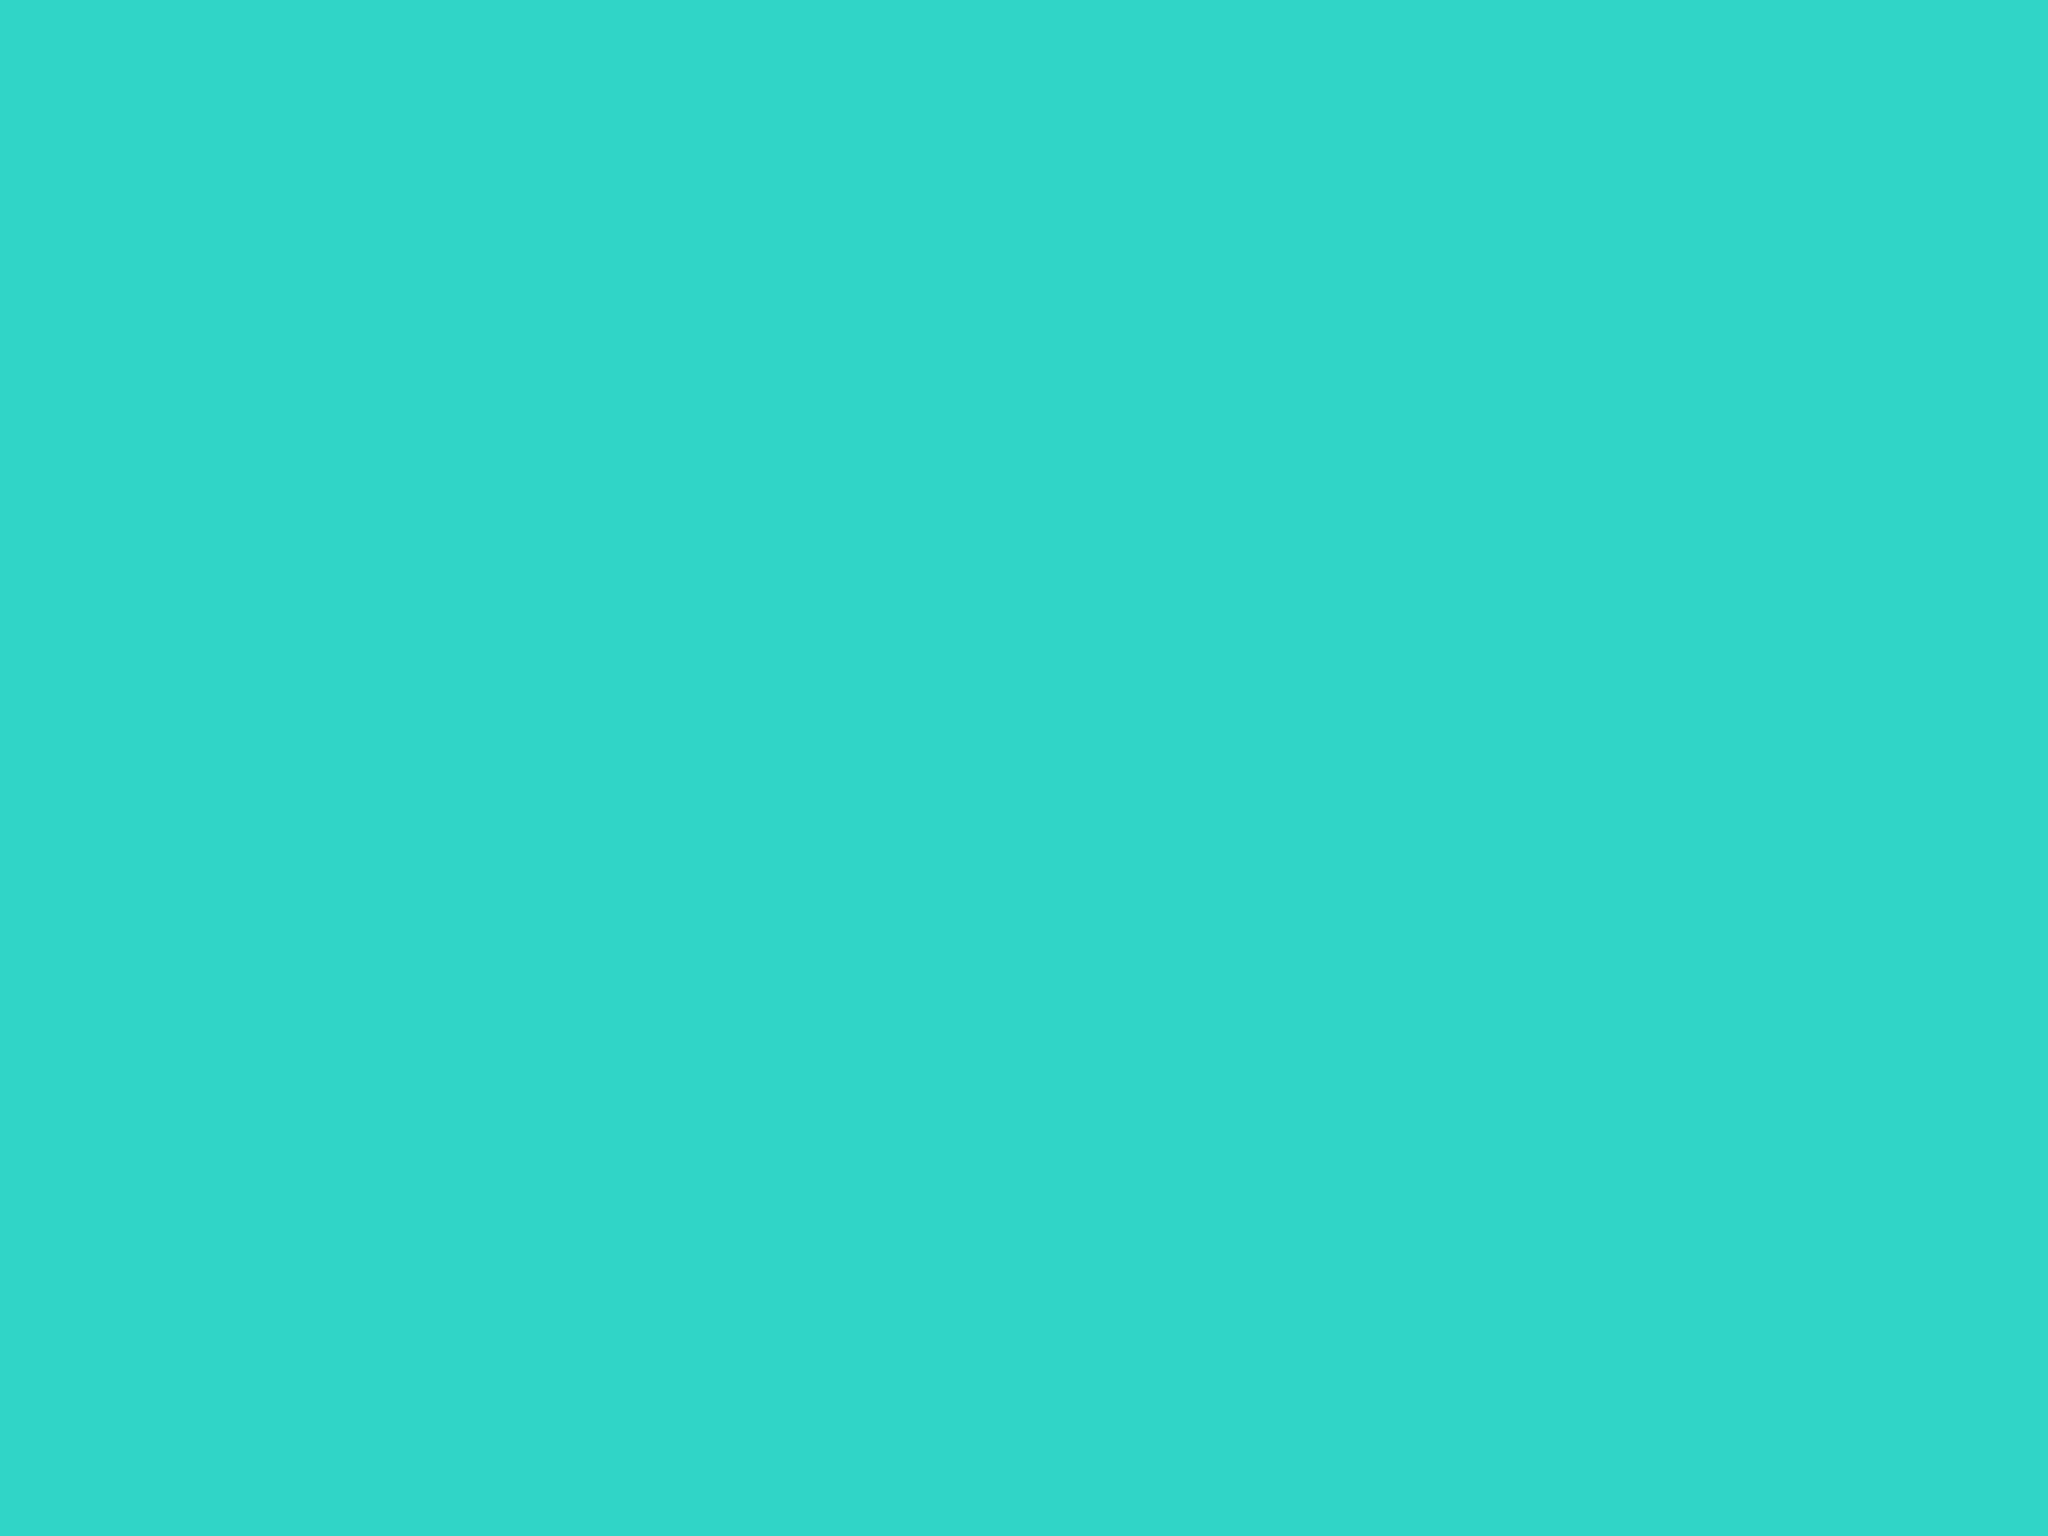 Light Teal Plain Background Solid Color Background